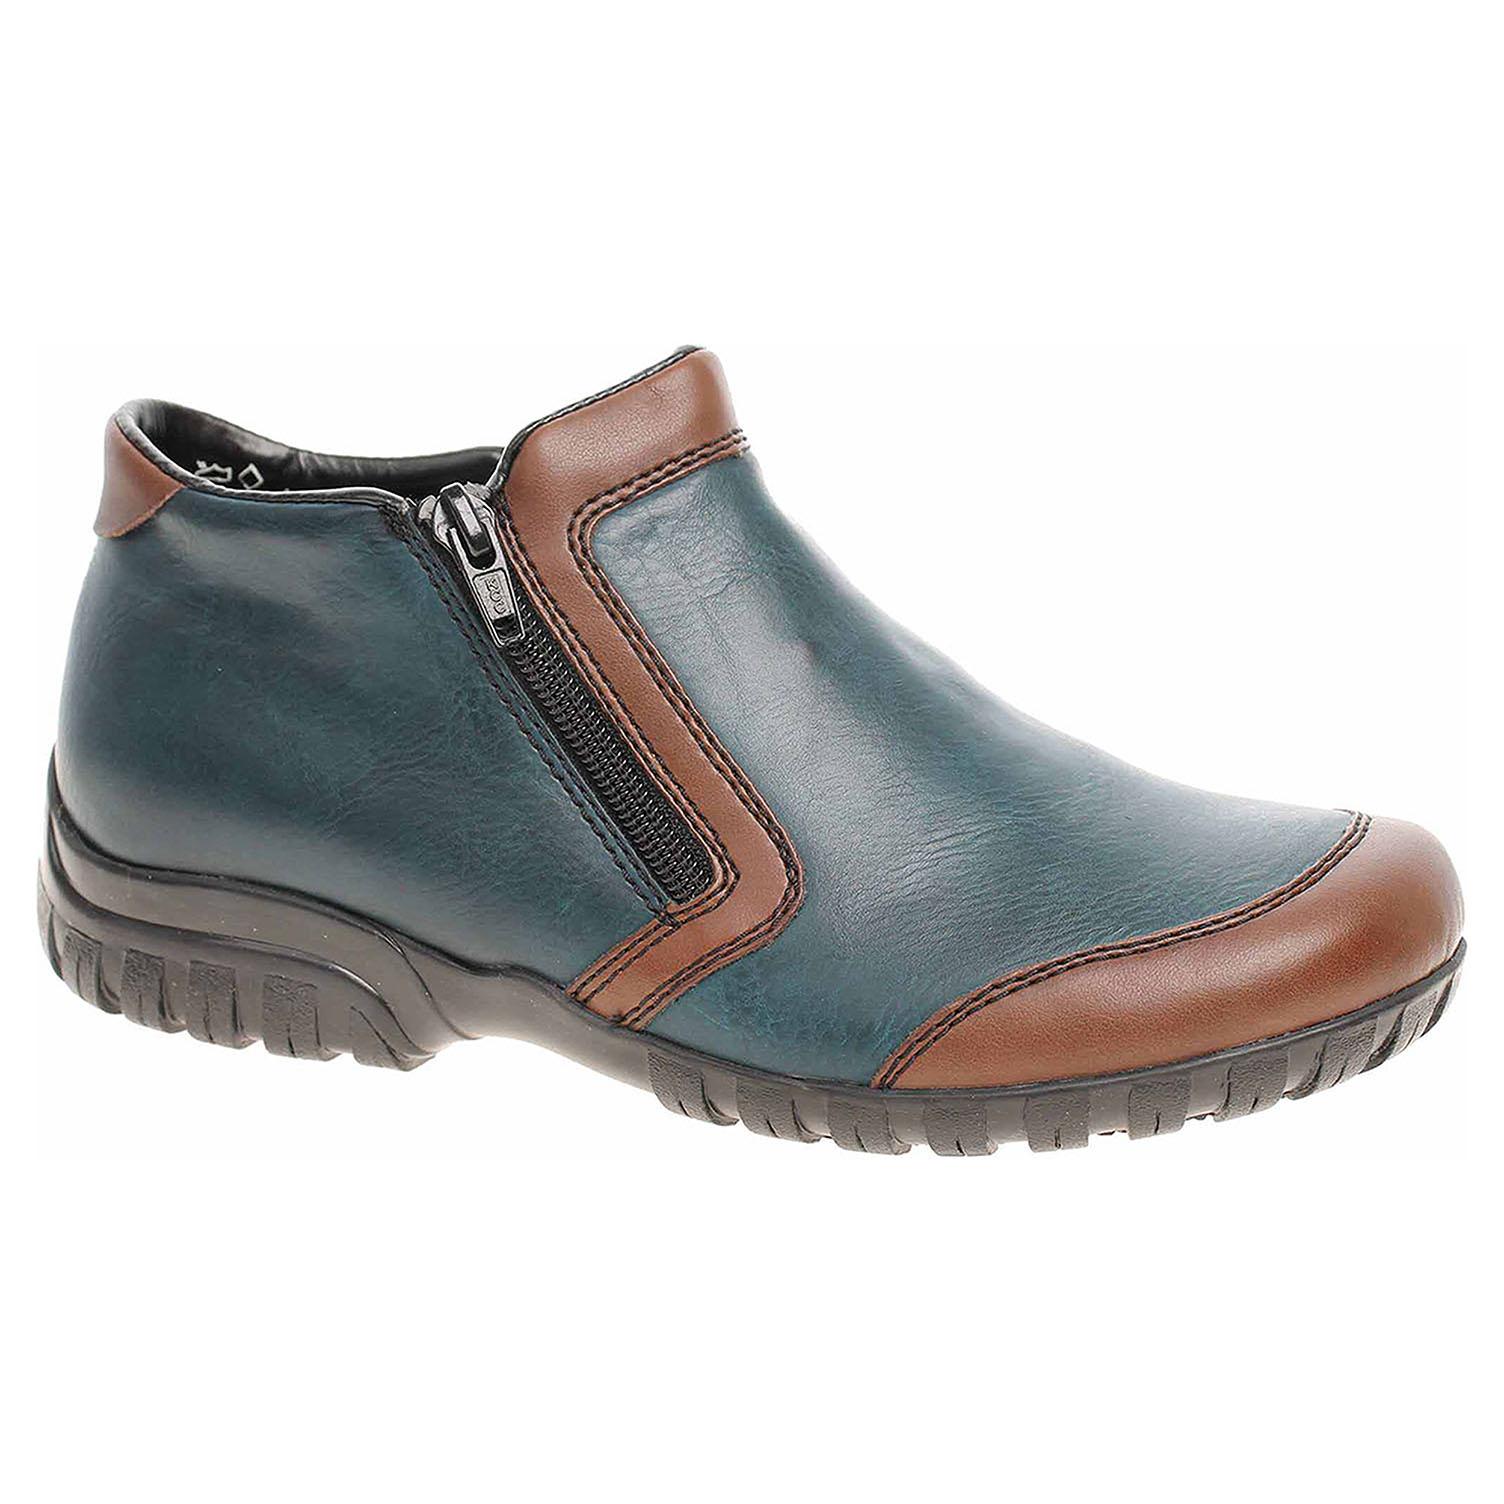 Dámská kotníková obuv Rieker L4659-25 blau kombi L4659-25 38